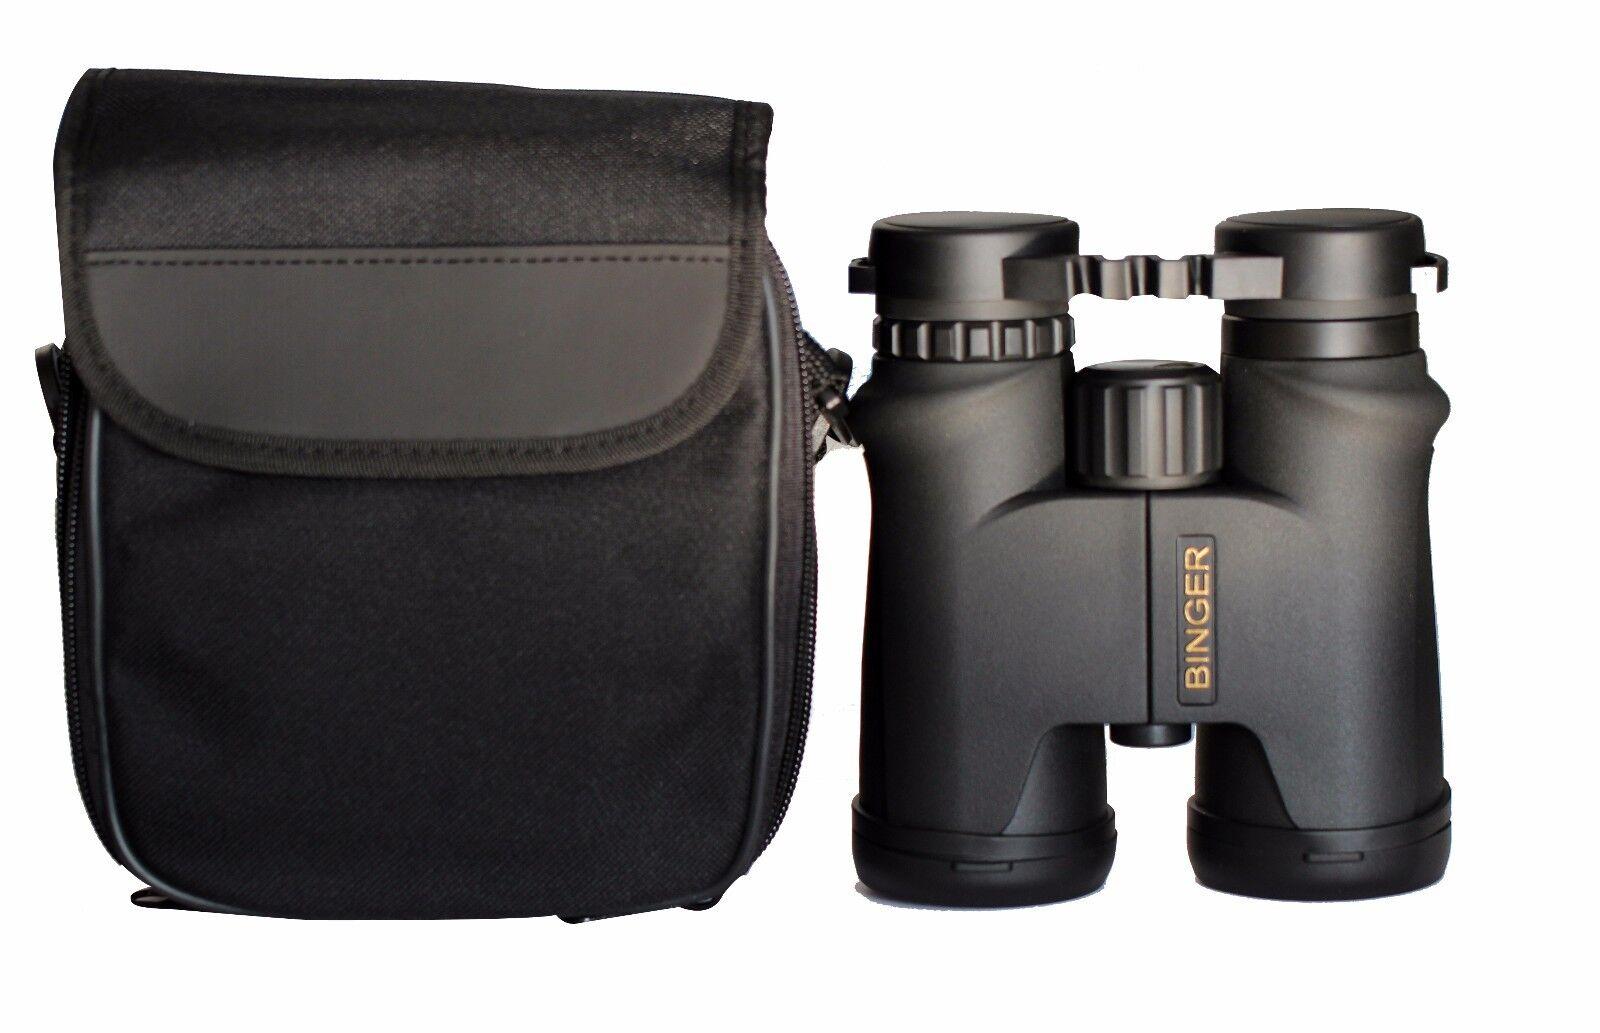 Binger HD 16x42 Waterproof Binoculars Roof Prism High Resolution BAK 4 Prism